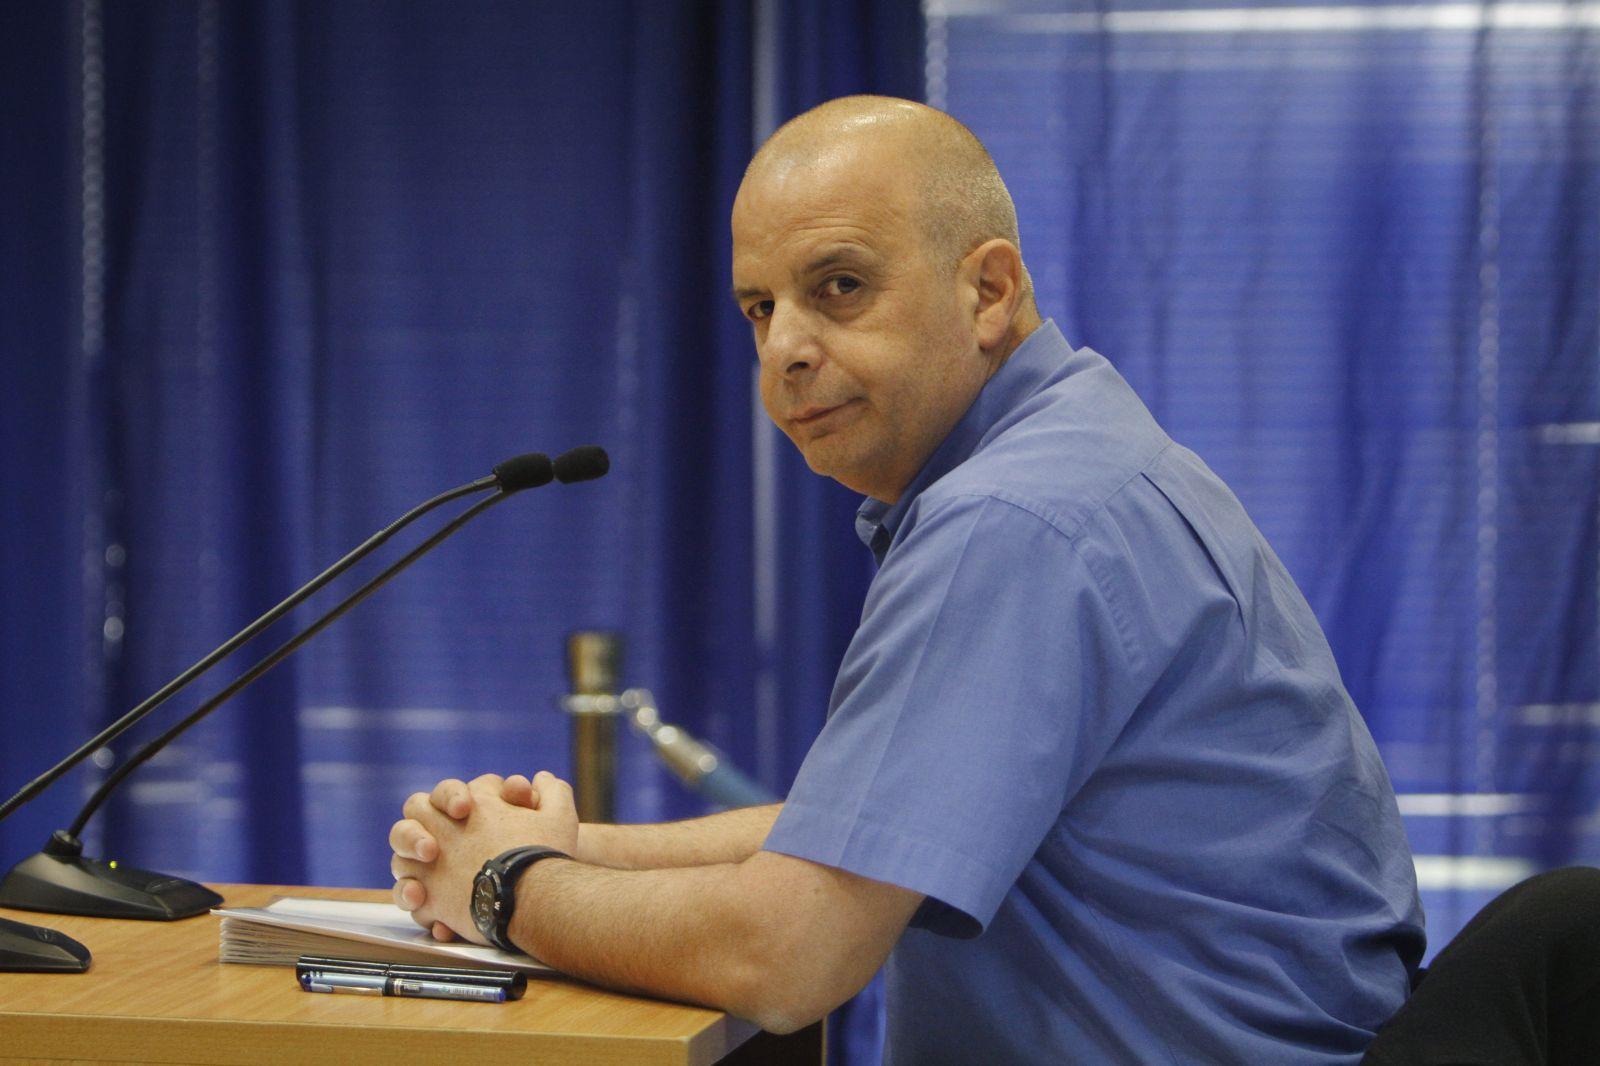 يوفال ديسكين: أبرز رجال الأمن الإسرائيليّ